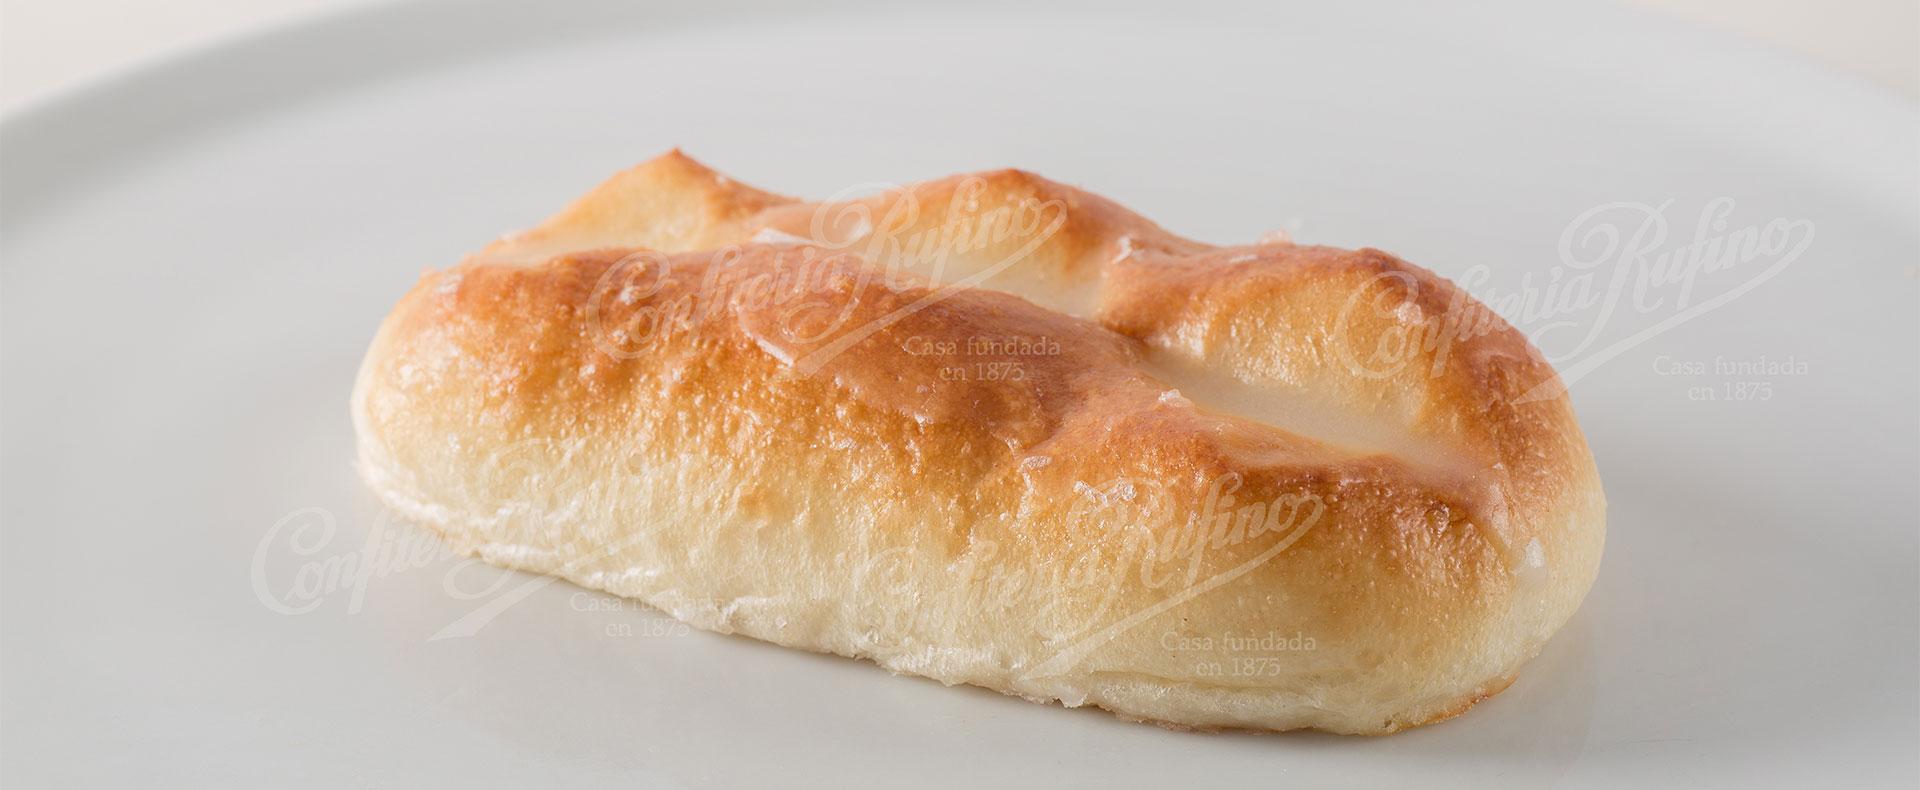 bollo-de-leche-confiteria-rufino-aracena